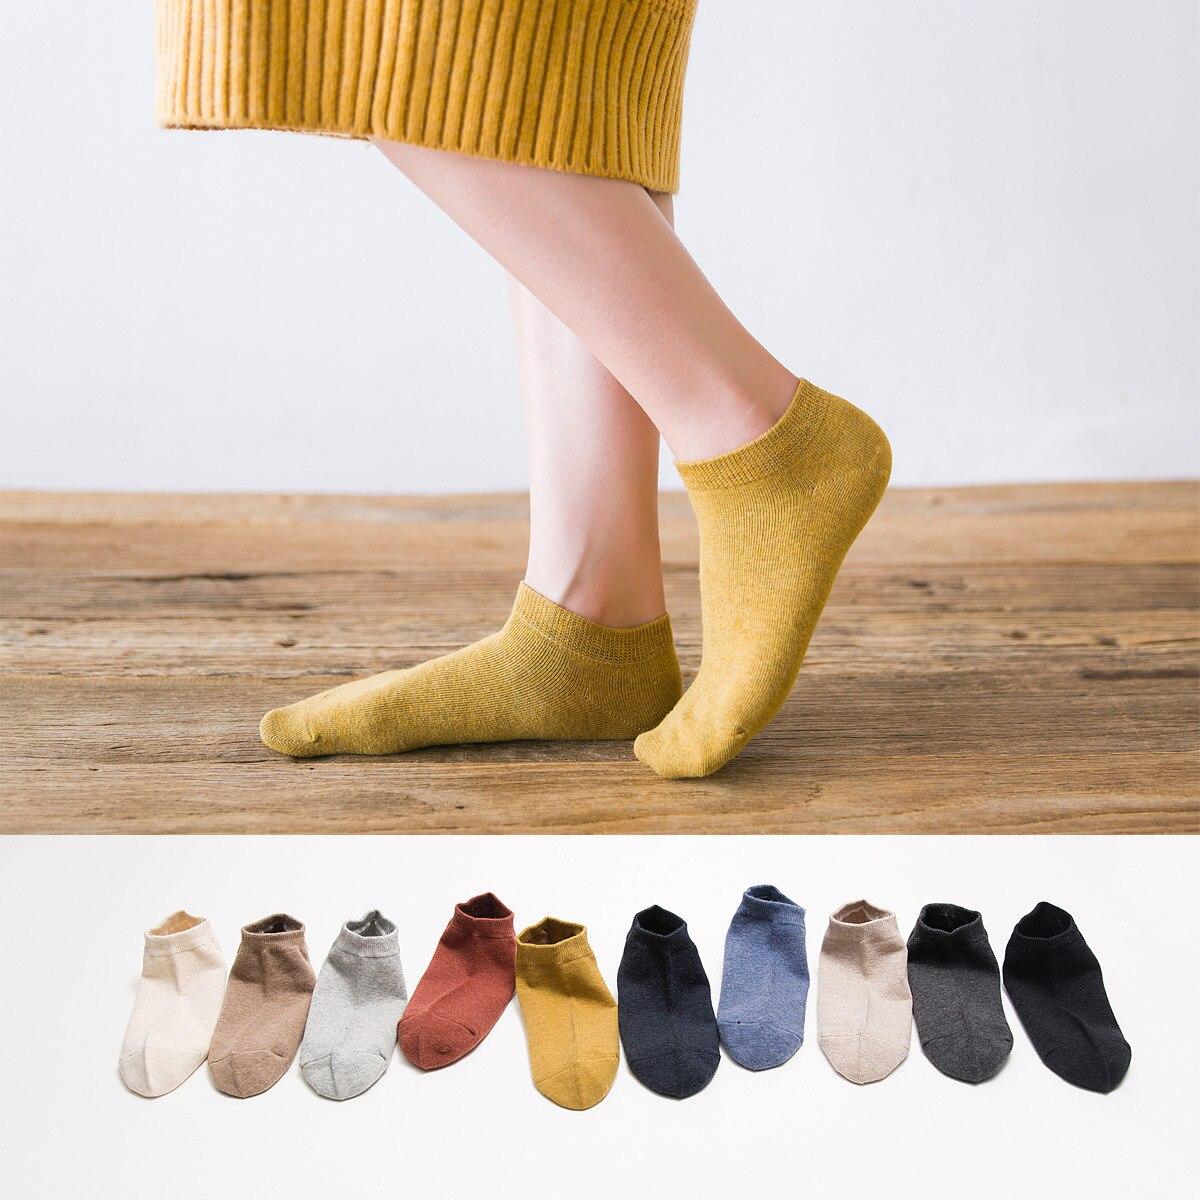 Hart cotone tuta delle donne del cotone pianura solido calzini di colore calze di cotone all'ingrosso high-end di colore produttori di filatura